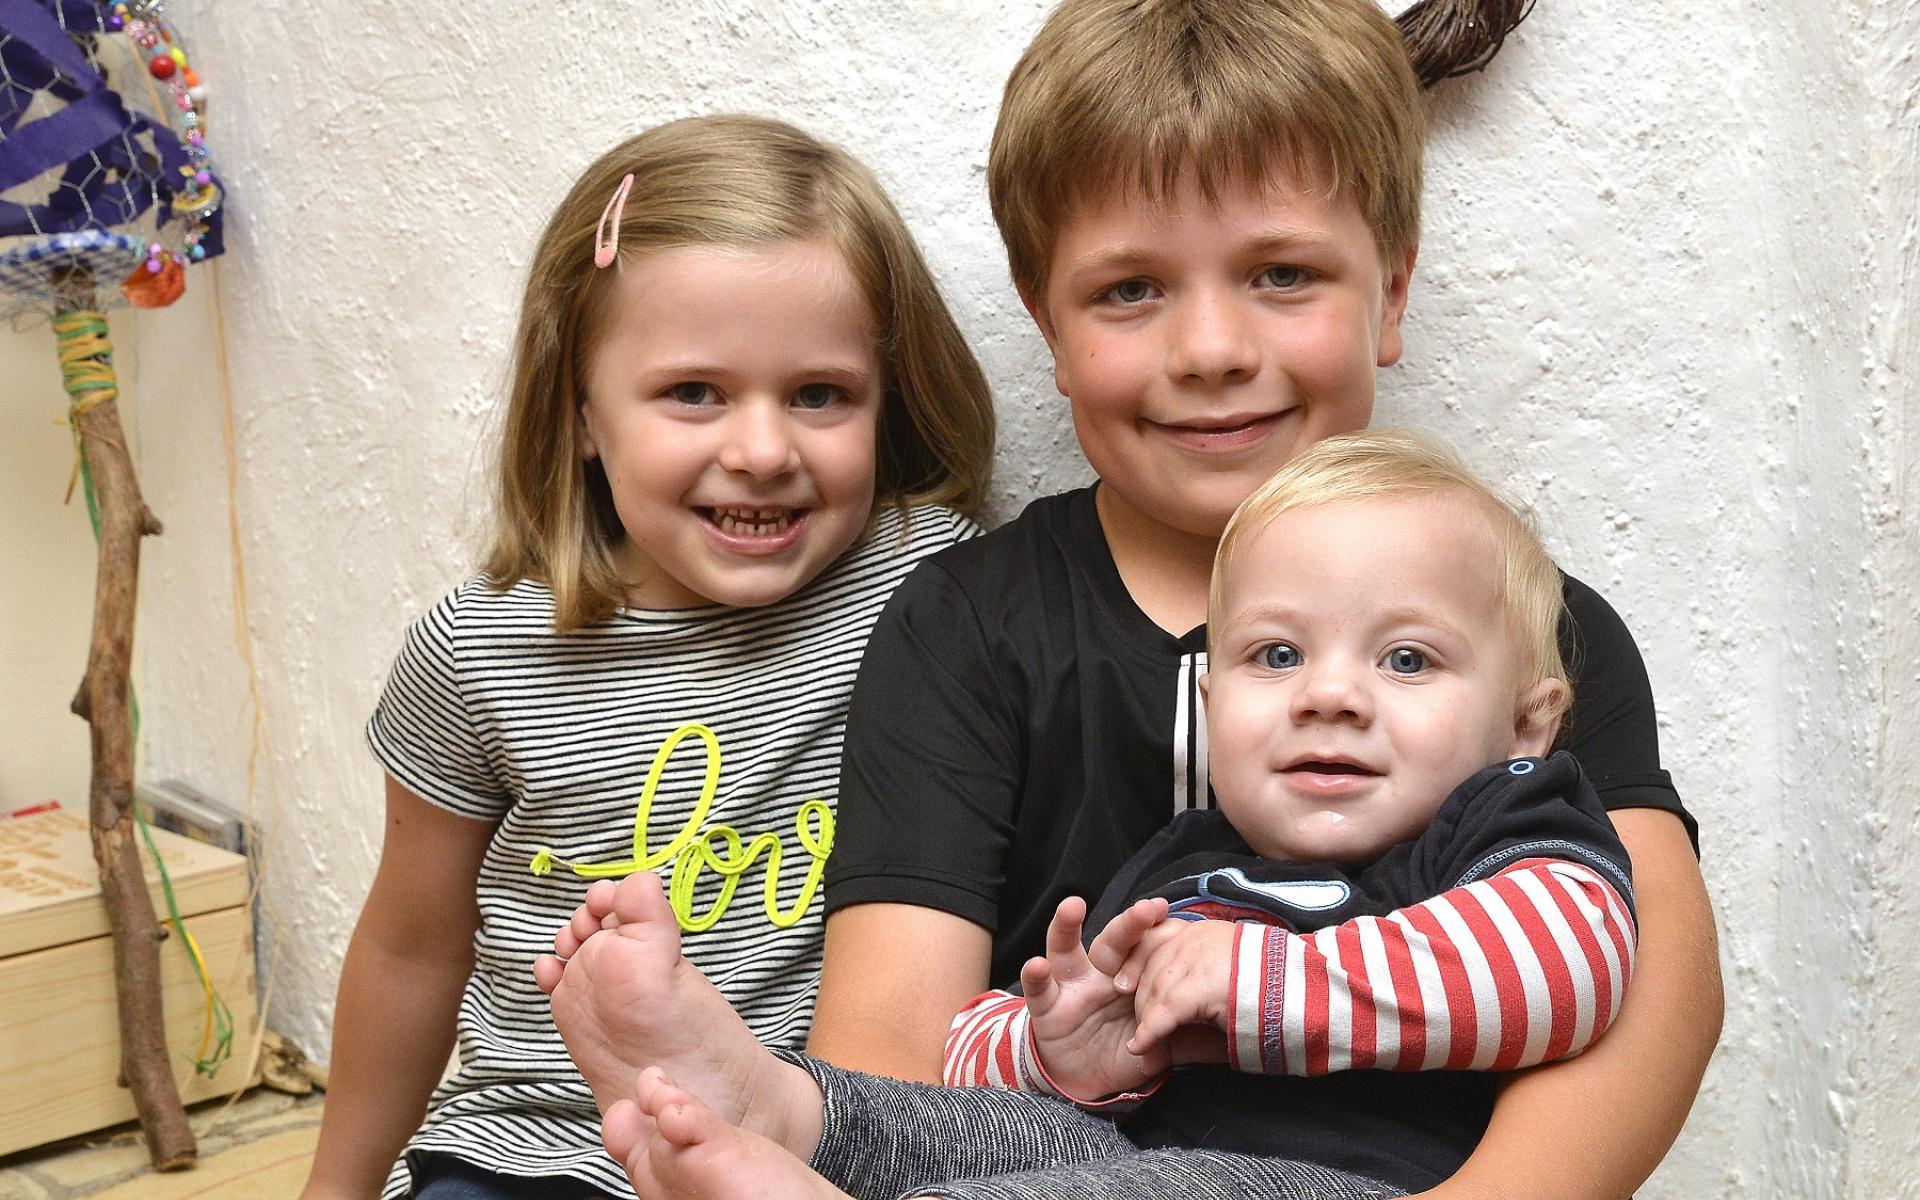 Drei glückliche Geschwister: Matti wird am 19. Juli acht Jahre alt, Mila ist fünf. Und den einjährigen Joost mögen beide sehr, wie man sieht.